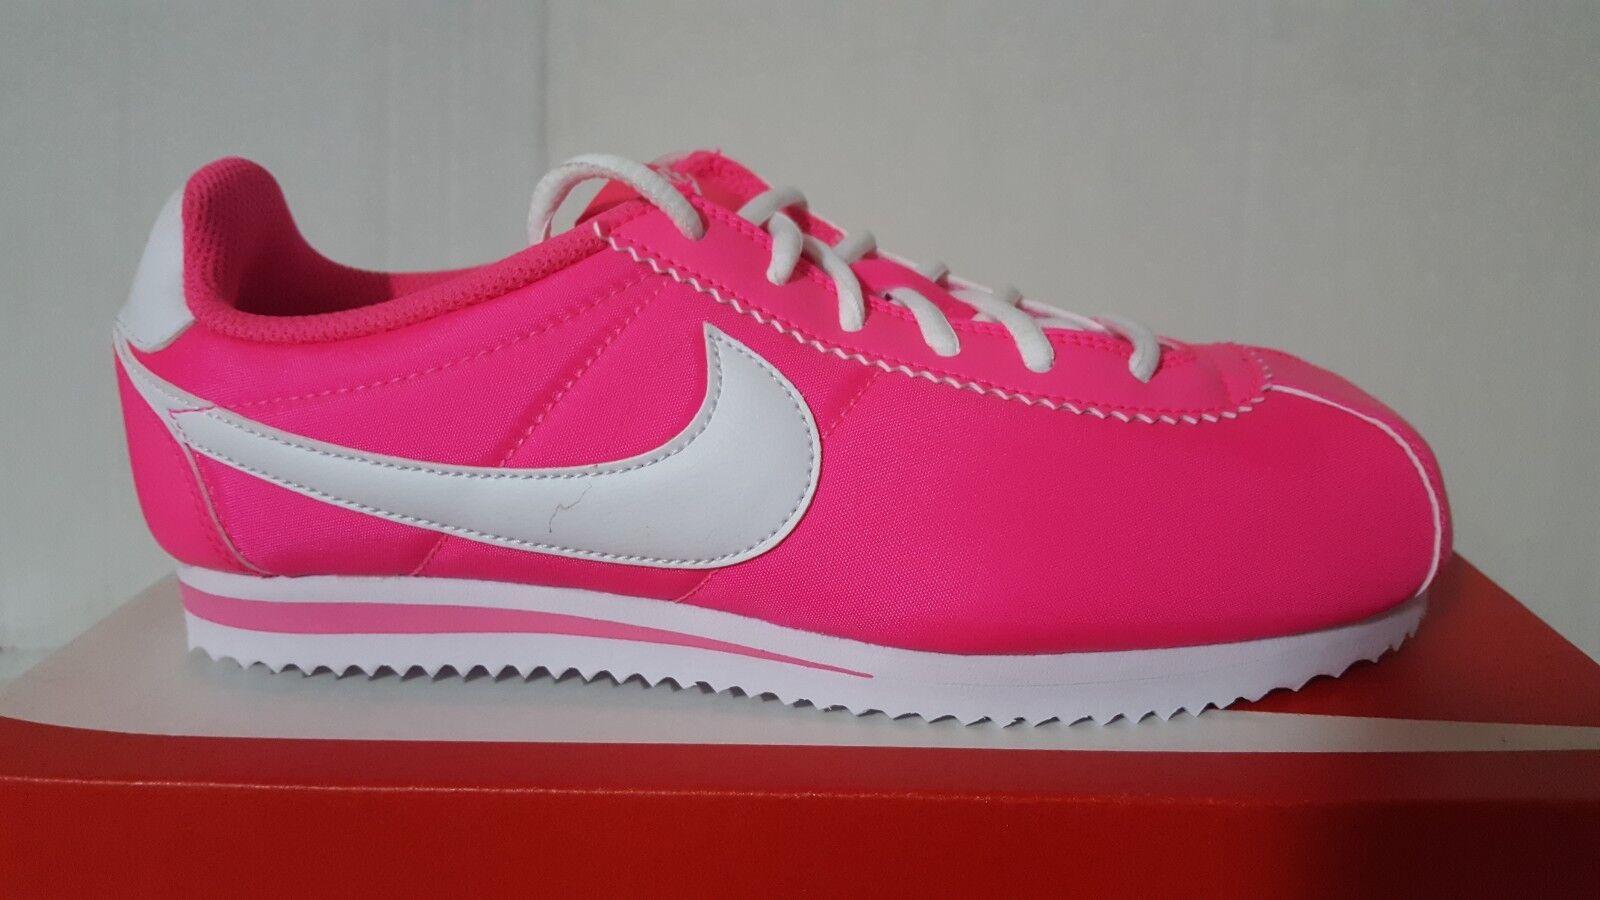 più economico NIKE CORTEZ NYLON rosa rosa FLUO N.38 BELLISSIME BELLISSIME BELLISSIME STUPENDE OKKSPORT AIR MAX 97  tutto in alta qualità e prezzo basso